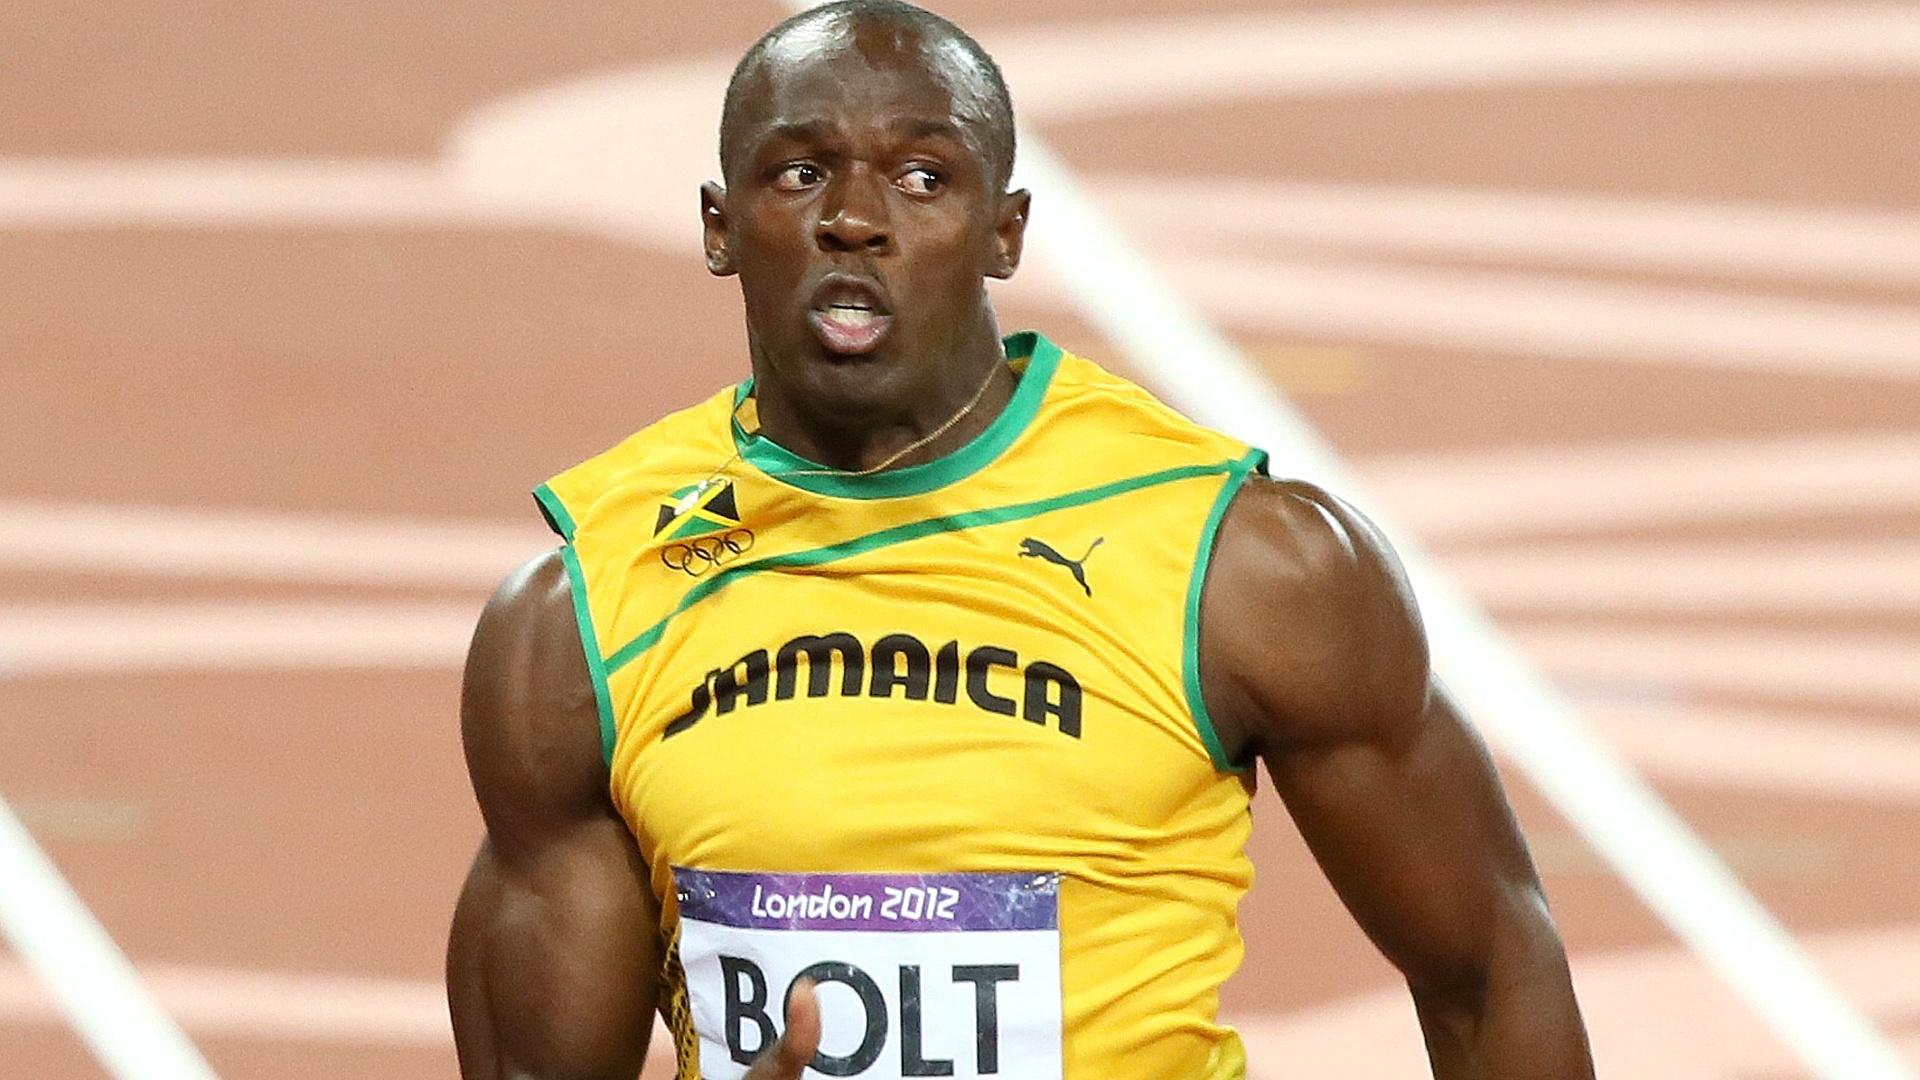 Usain Bolt corre durante final olímpica dos 100 m rasos